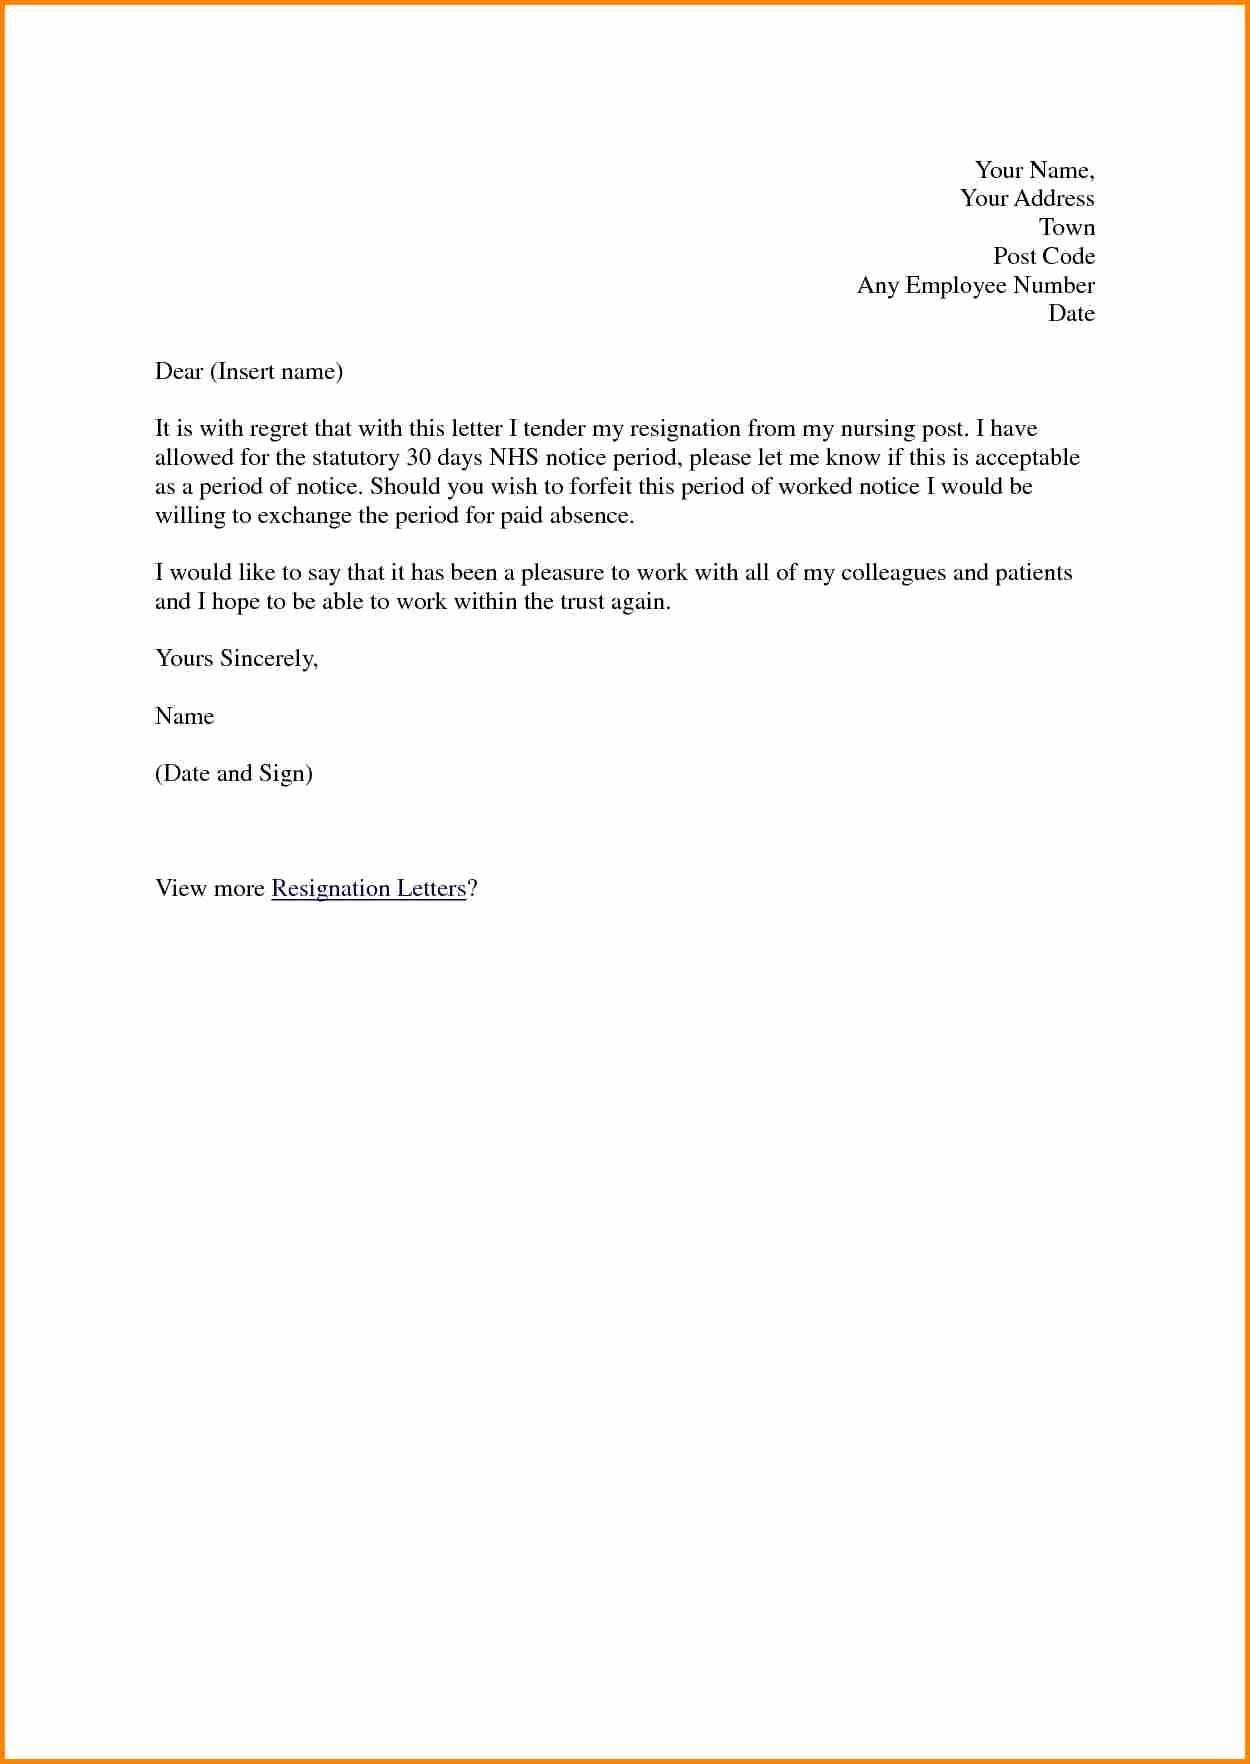 Sample Resignation Letter Nurses Unique 10 Resignation Letter for Nurses Sample